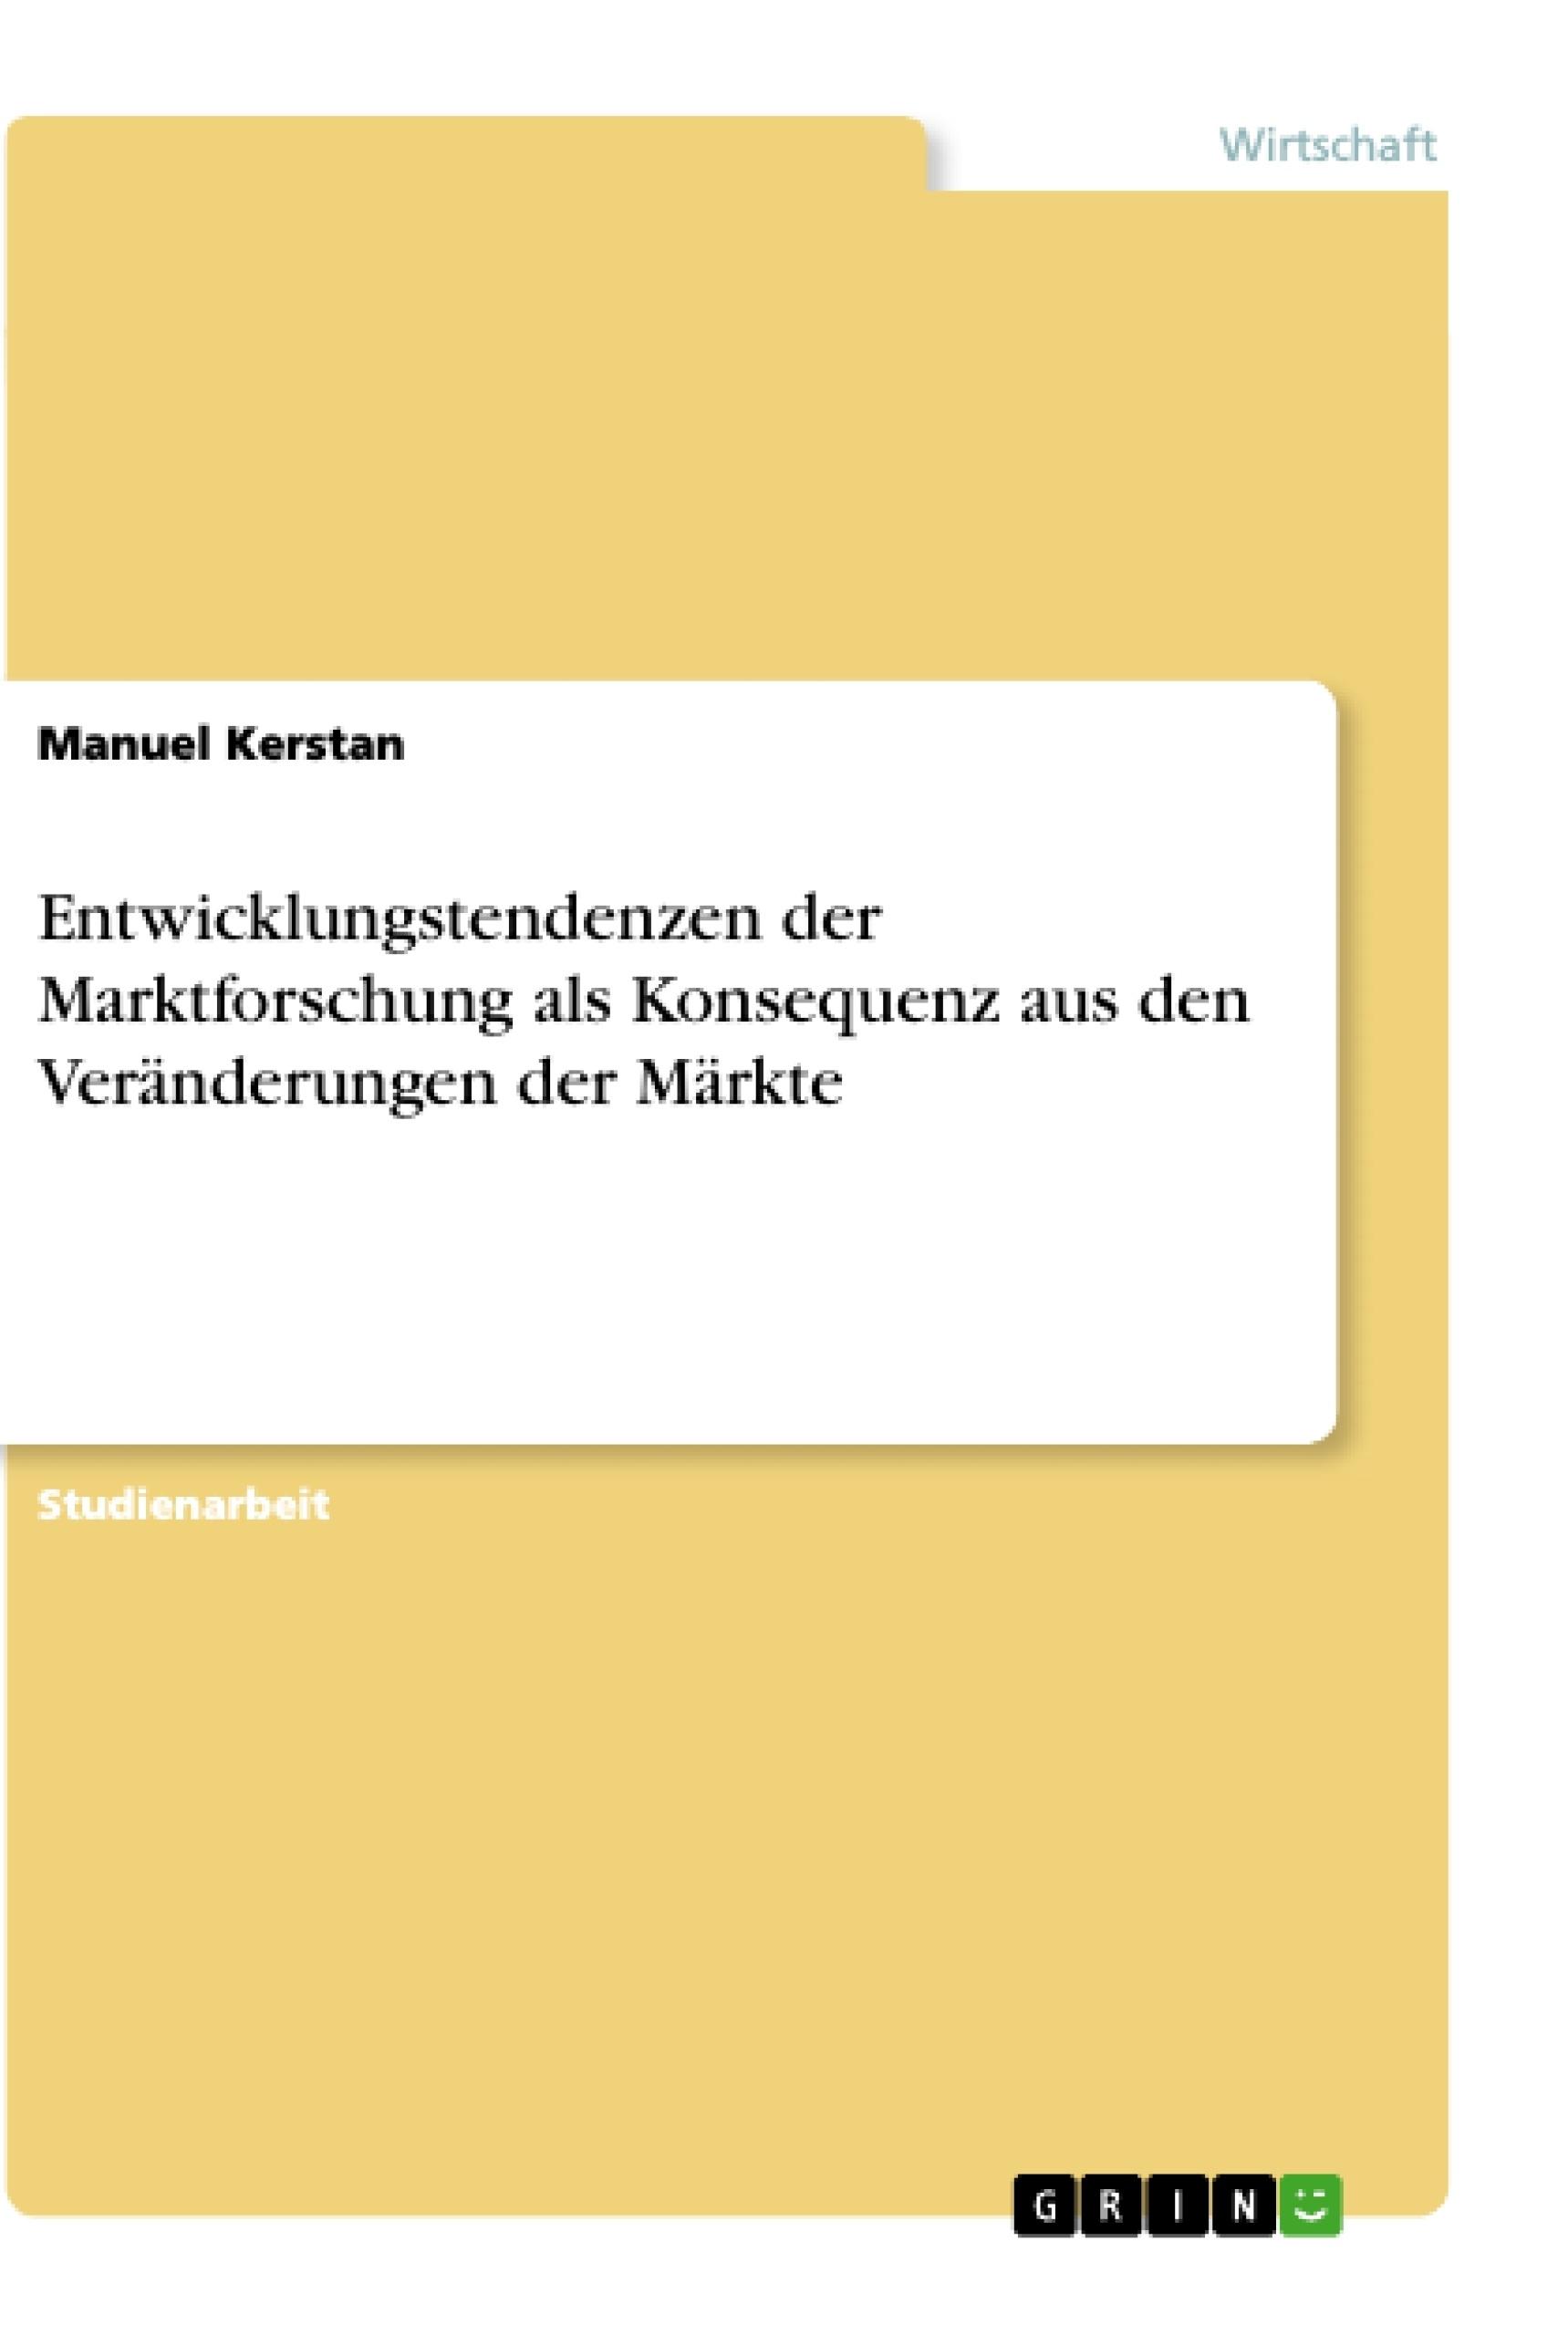 Titel: Entwicklungstendenzen der Marktforschung als Konsequenz aus den Veränderungen der Märkte